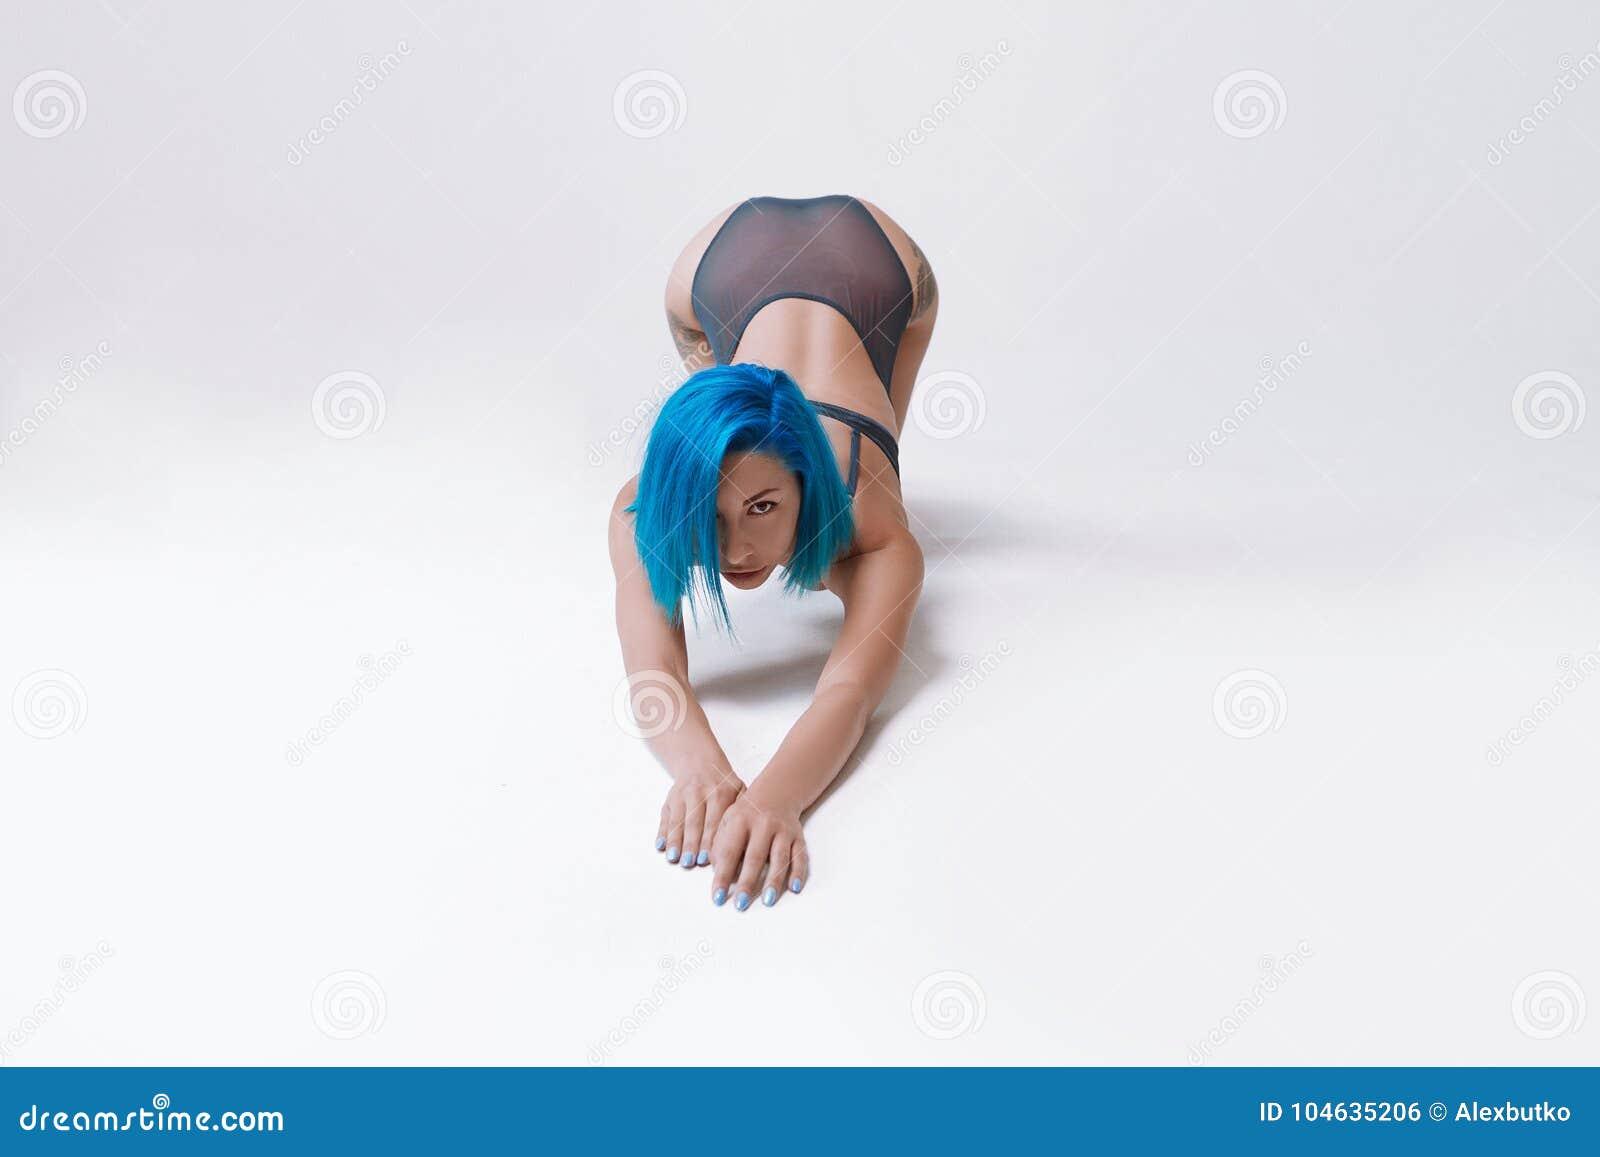 Download Mooi Meisje Met Een Slank Cijfer, Een Gelooide Huid En Een Kort Haar Stock Foto - Afbeelding bestaande uit oefening, volwassen: 104635206